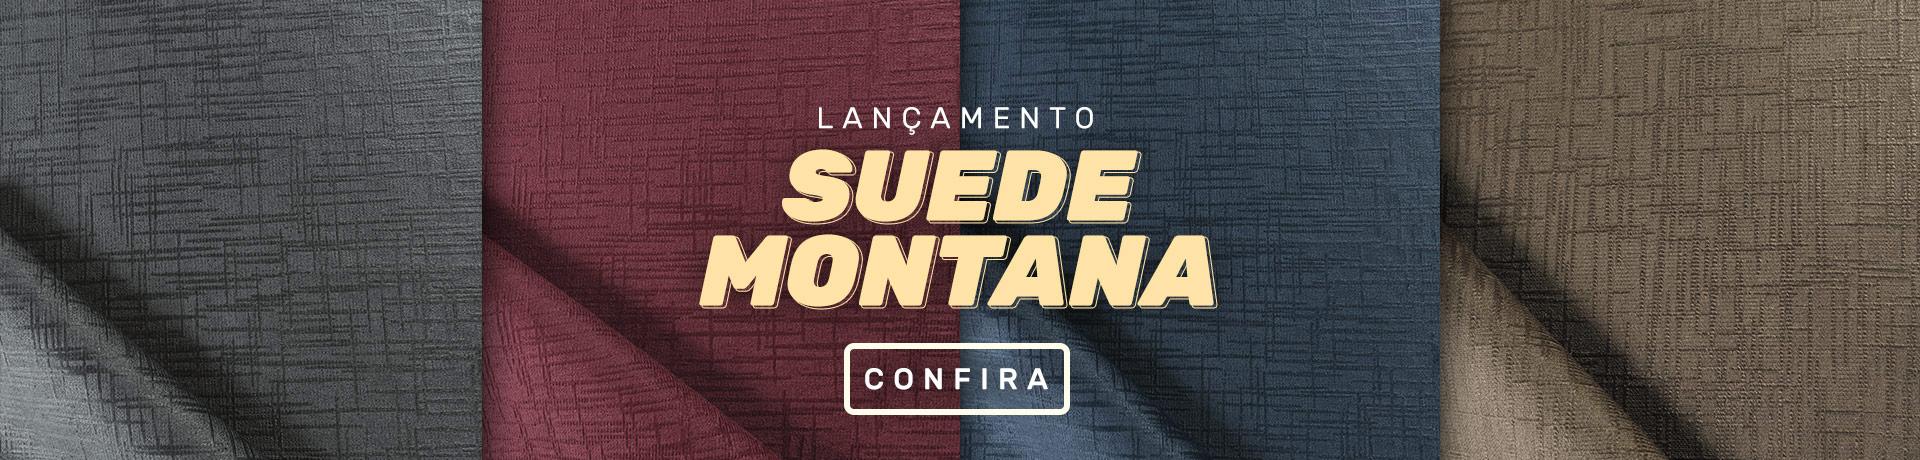 Suede Montana - Enrolado Tecidos